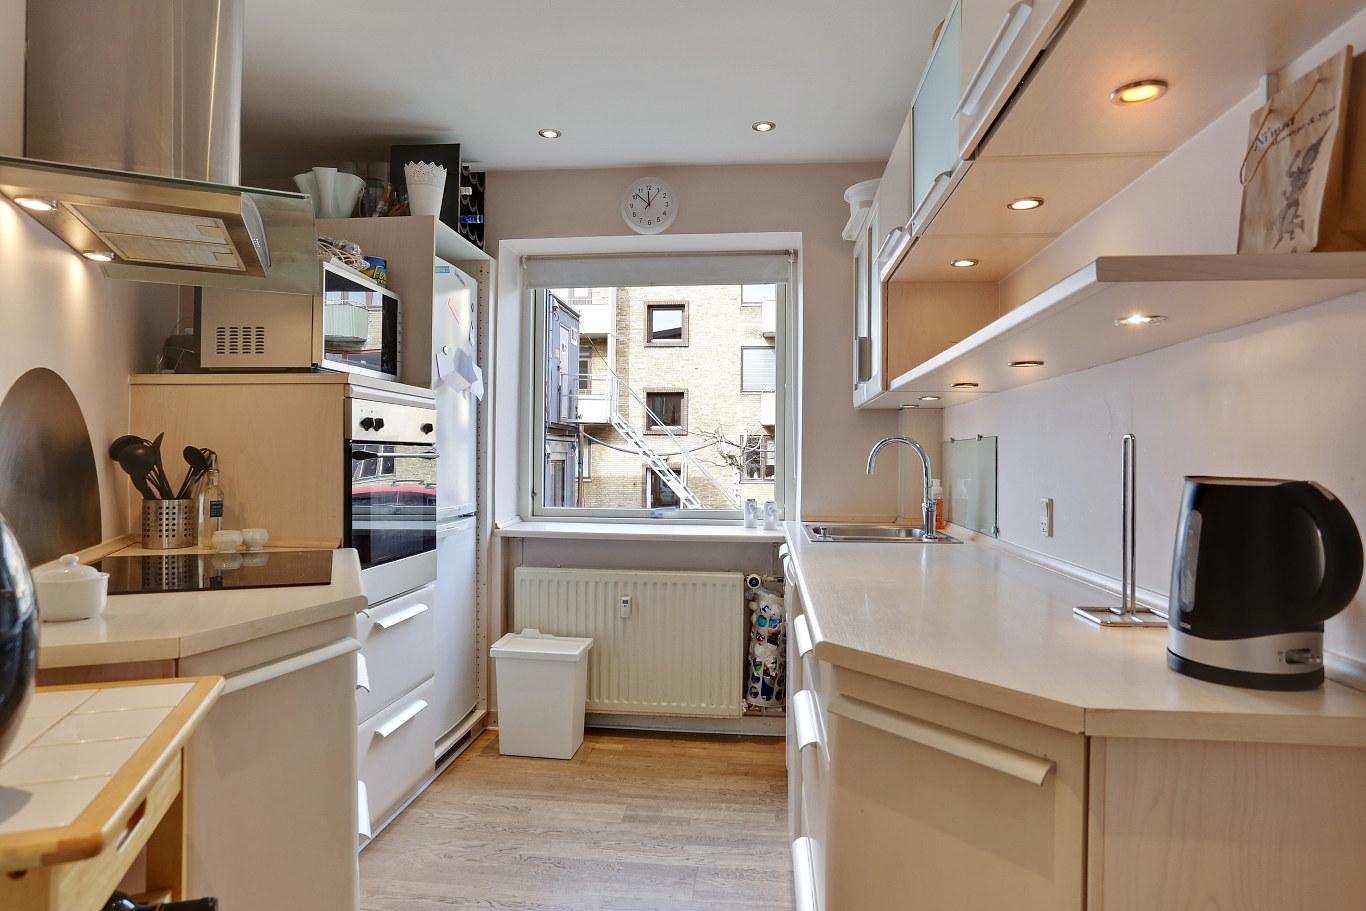 La realidad de los pisos peque os en los pa ses n rdicos for Apartamentos pequenos modernos decoracion